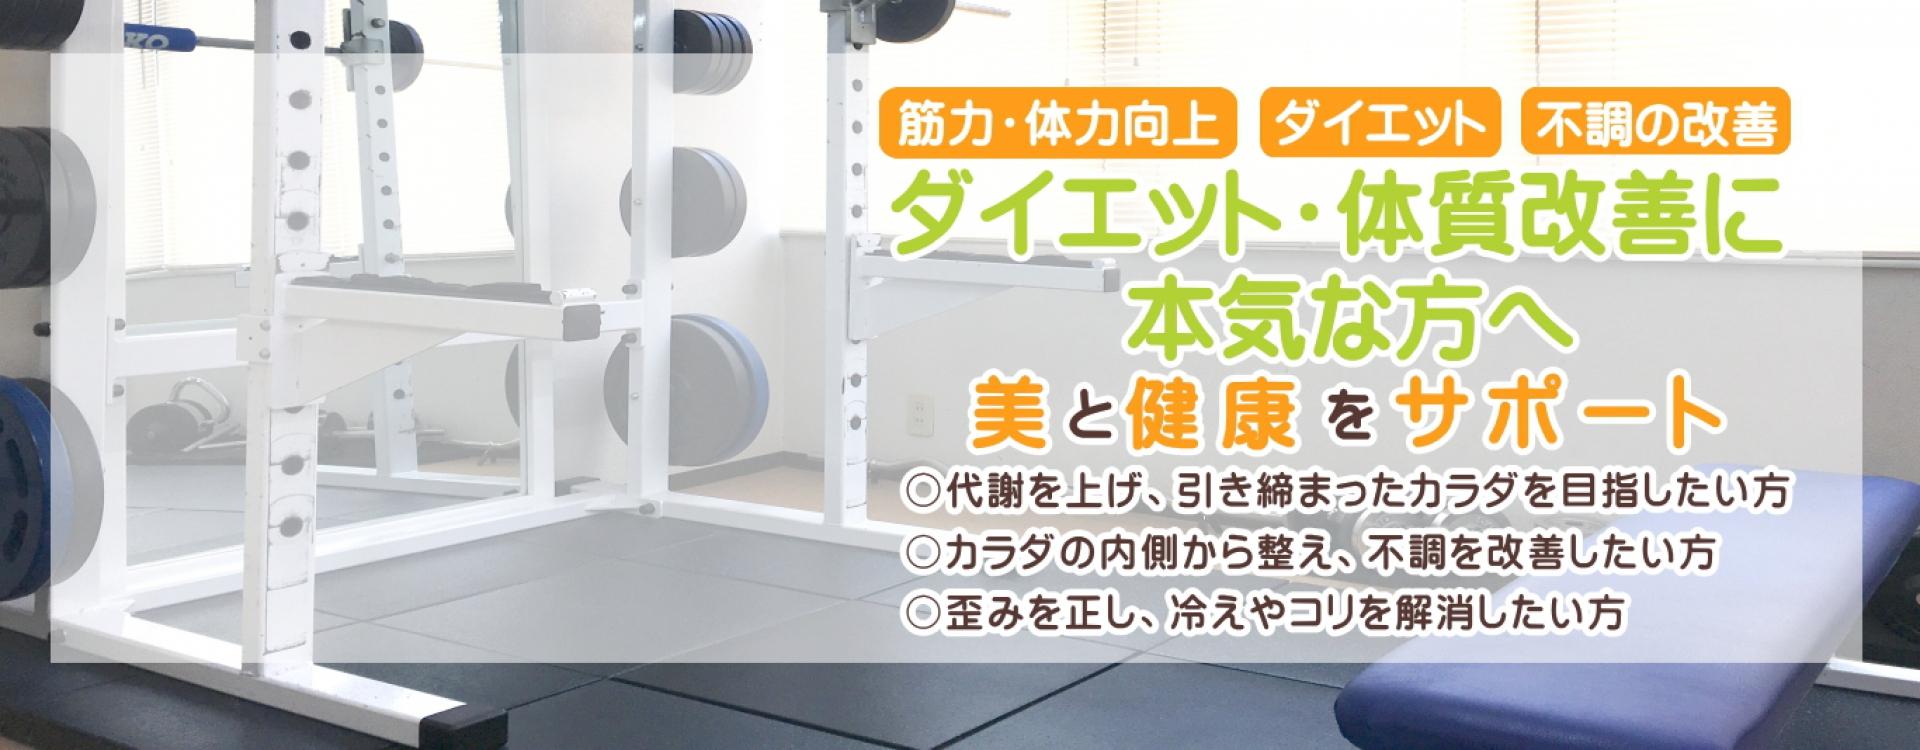 【京都】加圧トレーニングスタジオ|Re-Body(四条大宮)